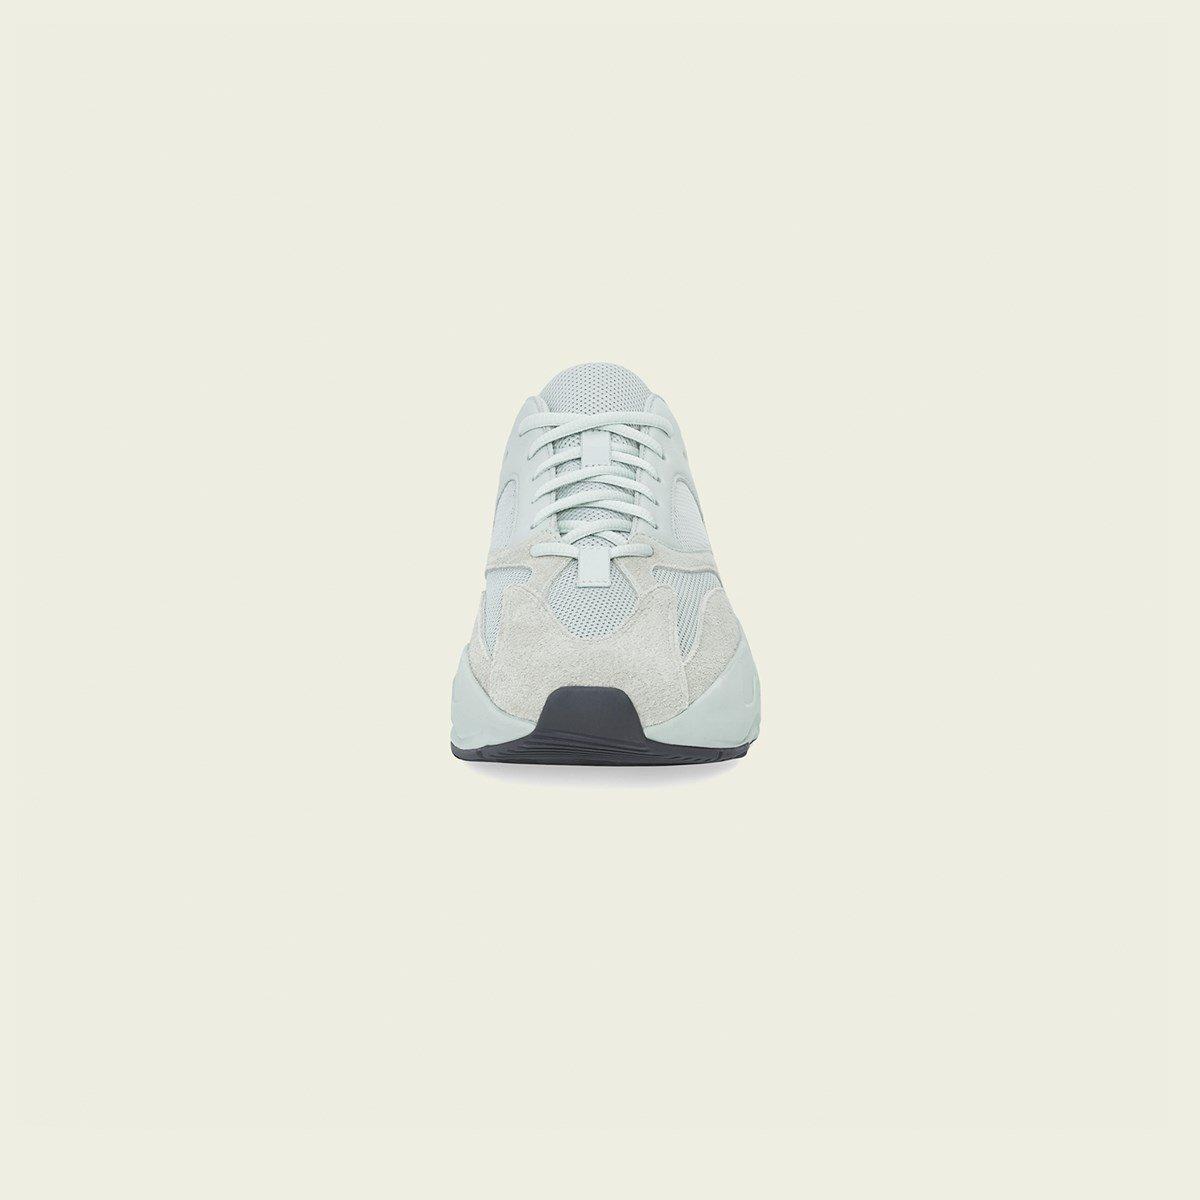 a2baa15a8e255 adidas Yeezy Boost 700 - Eg7487 - Sneakersnstuff